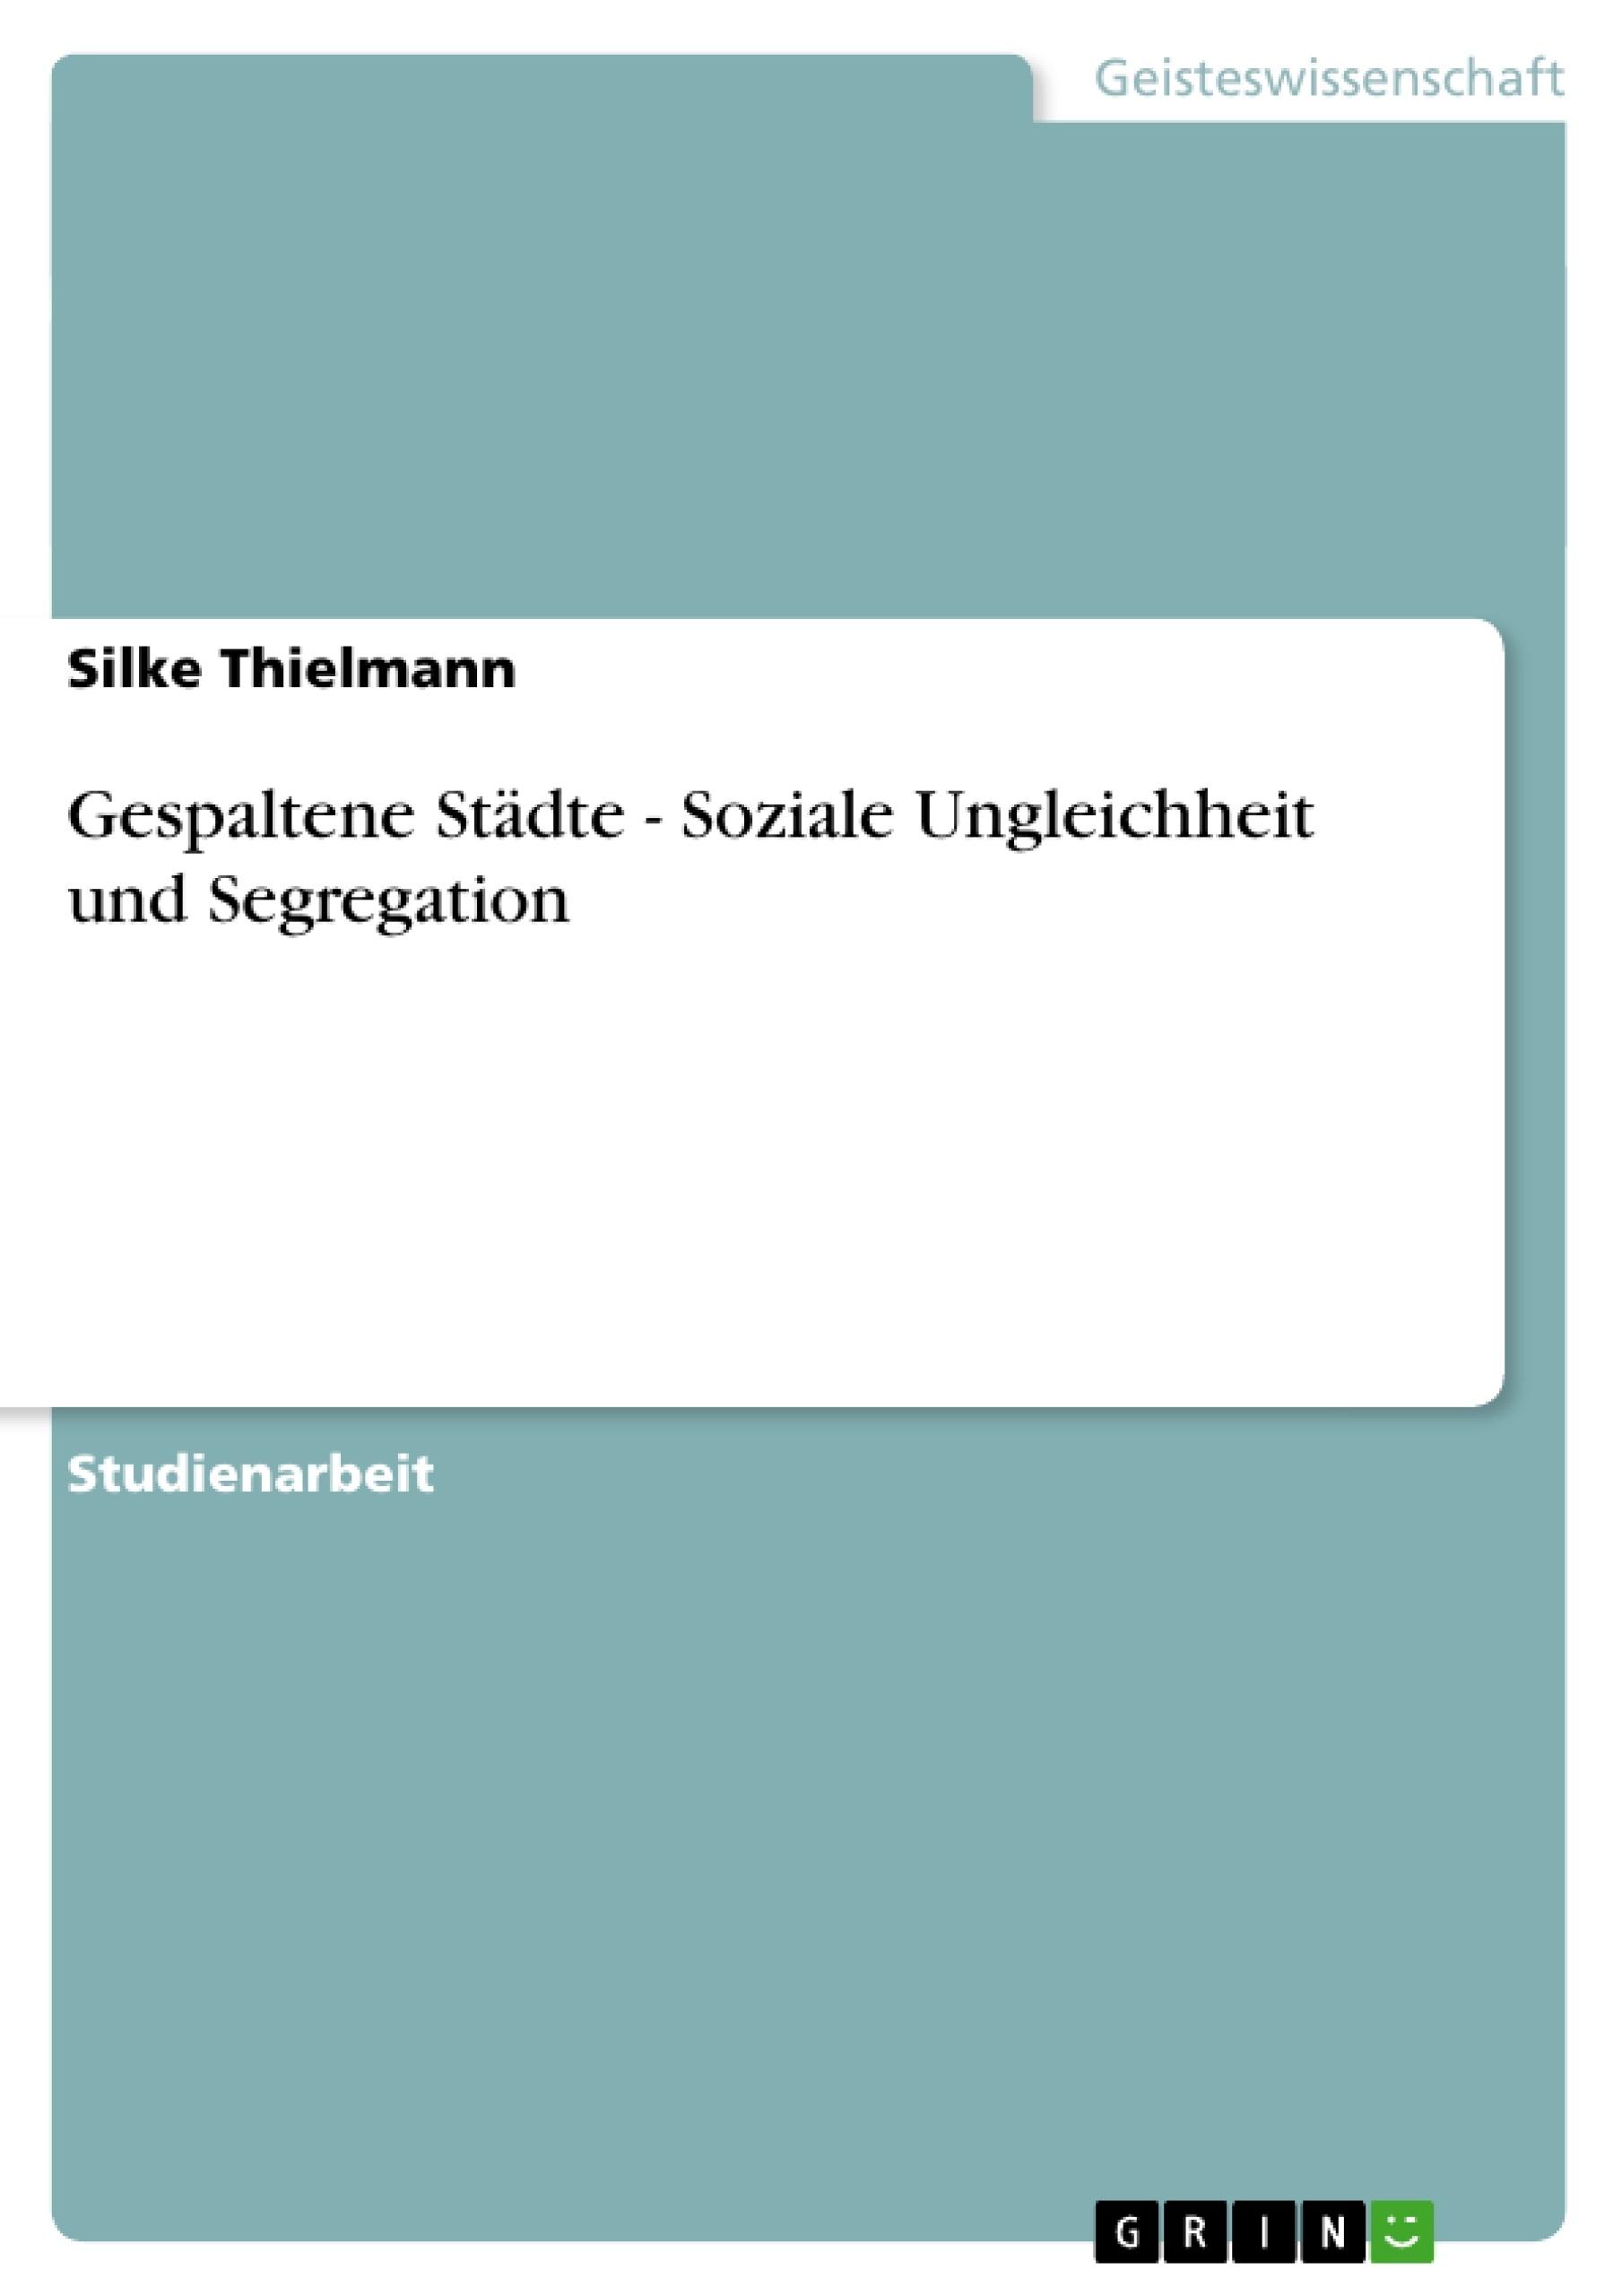 Titel: Gespaltene Städte - Soziale Ungleichheit und Segregation